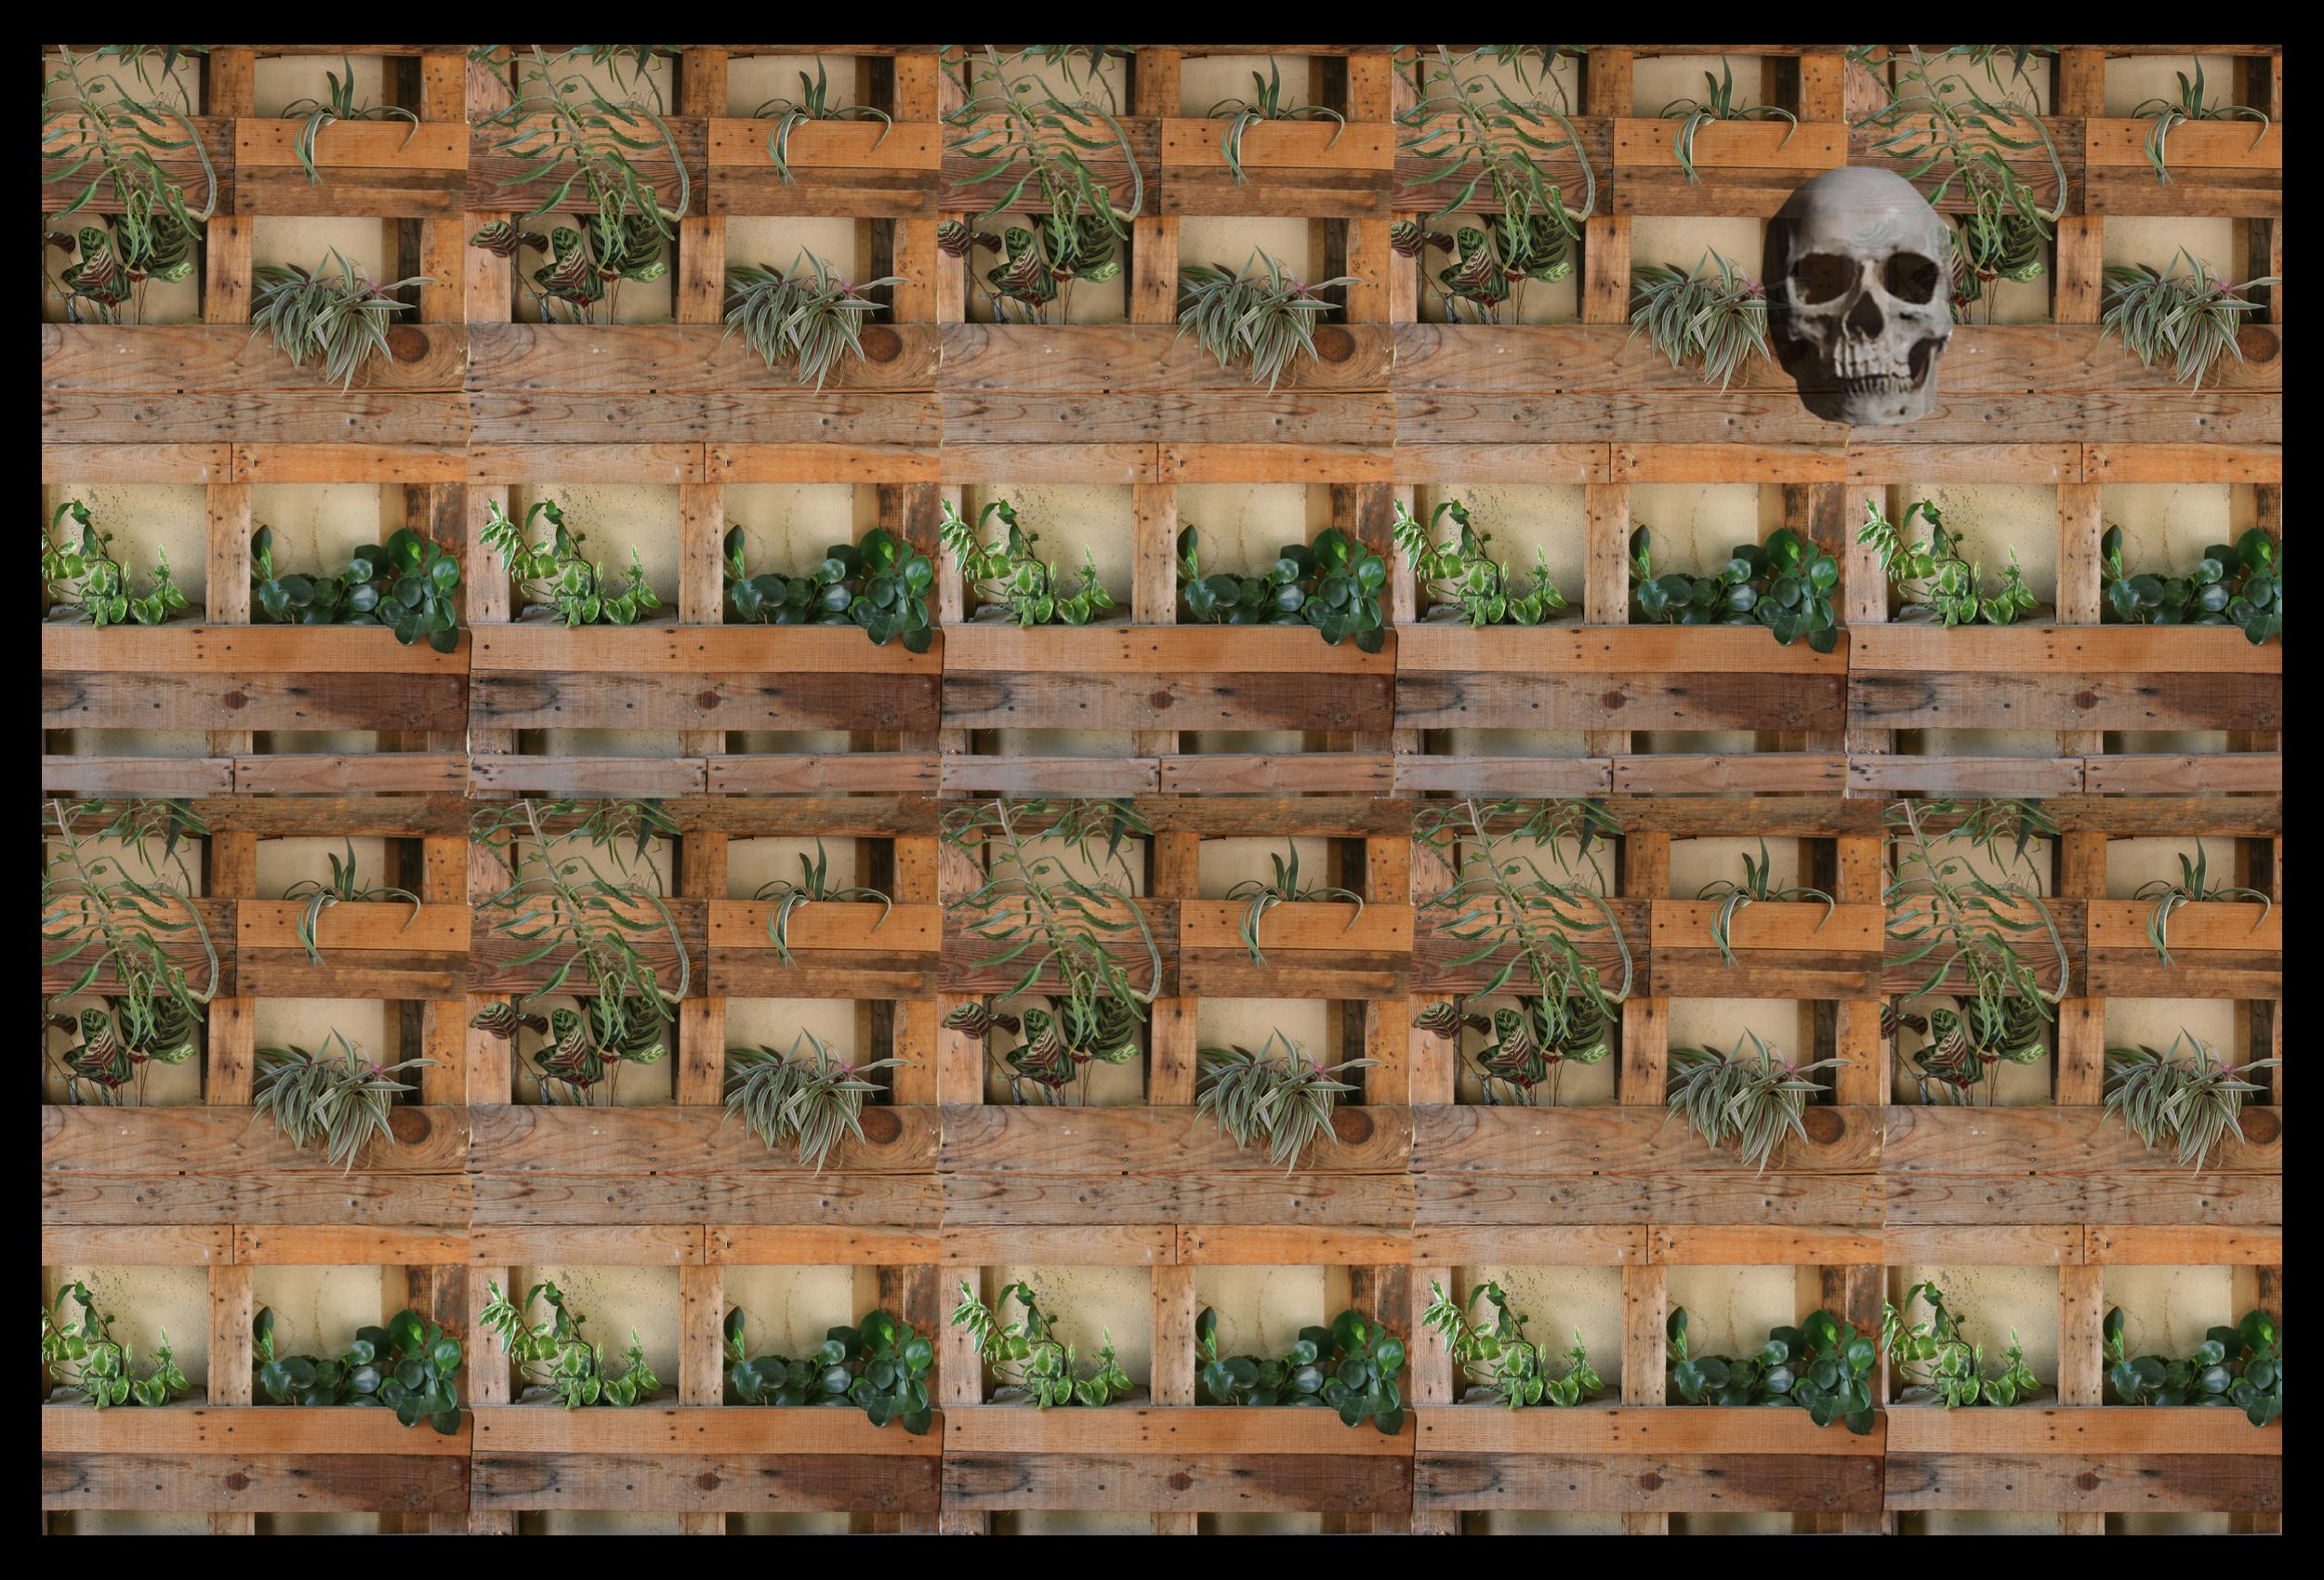 Sept 28 Plant Wall Skull.jpg